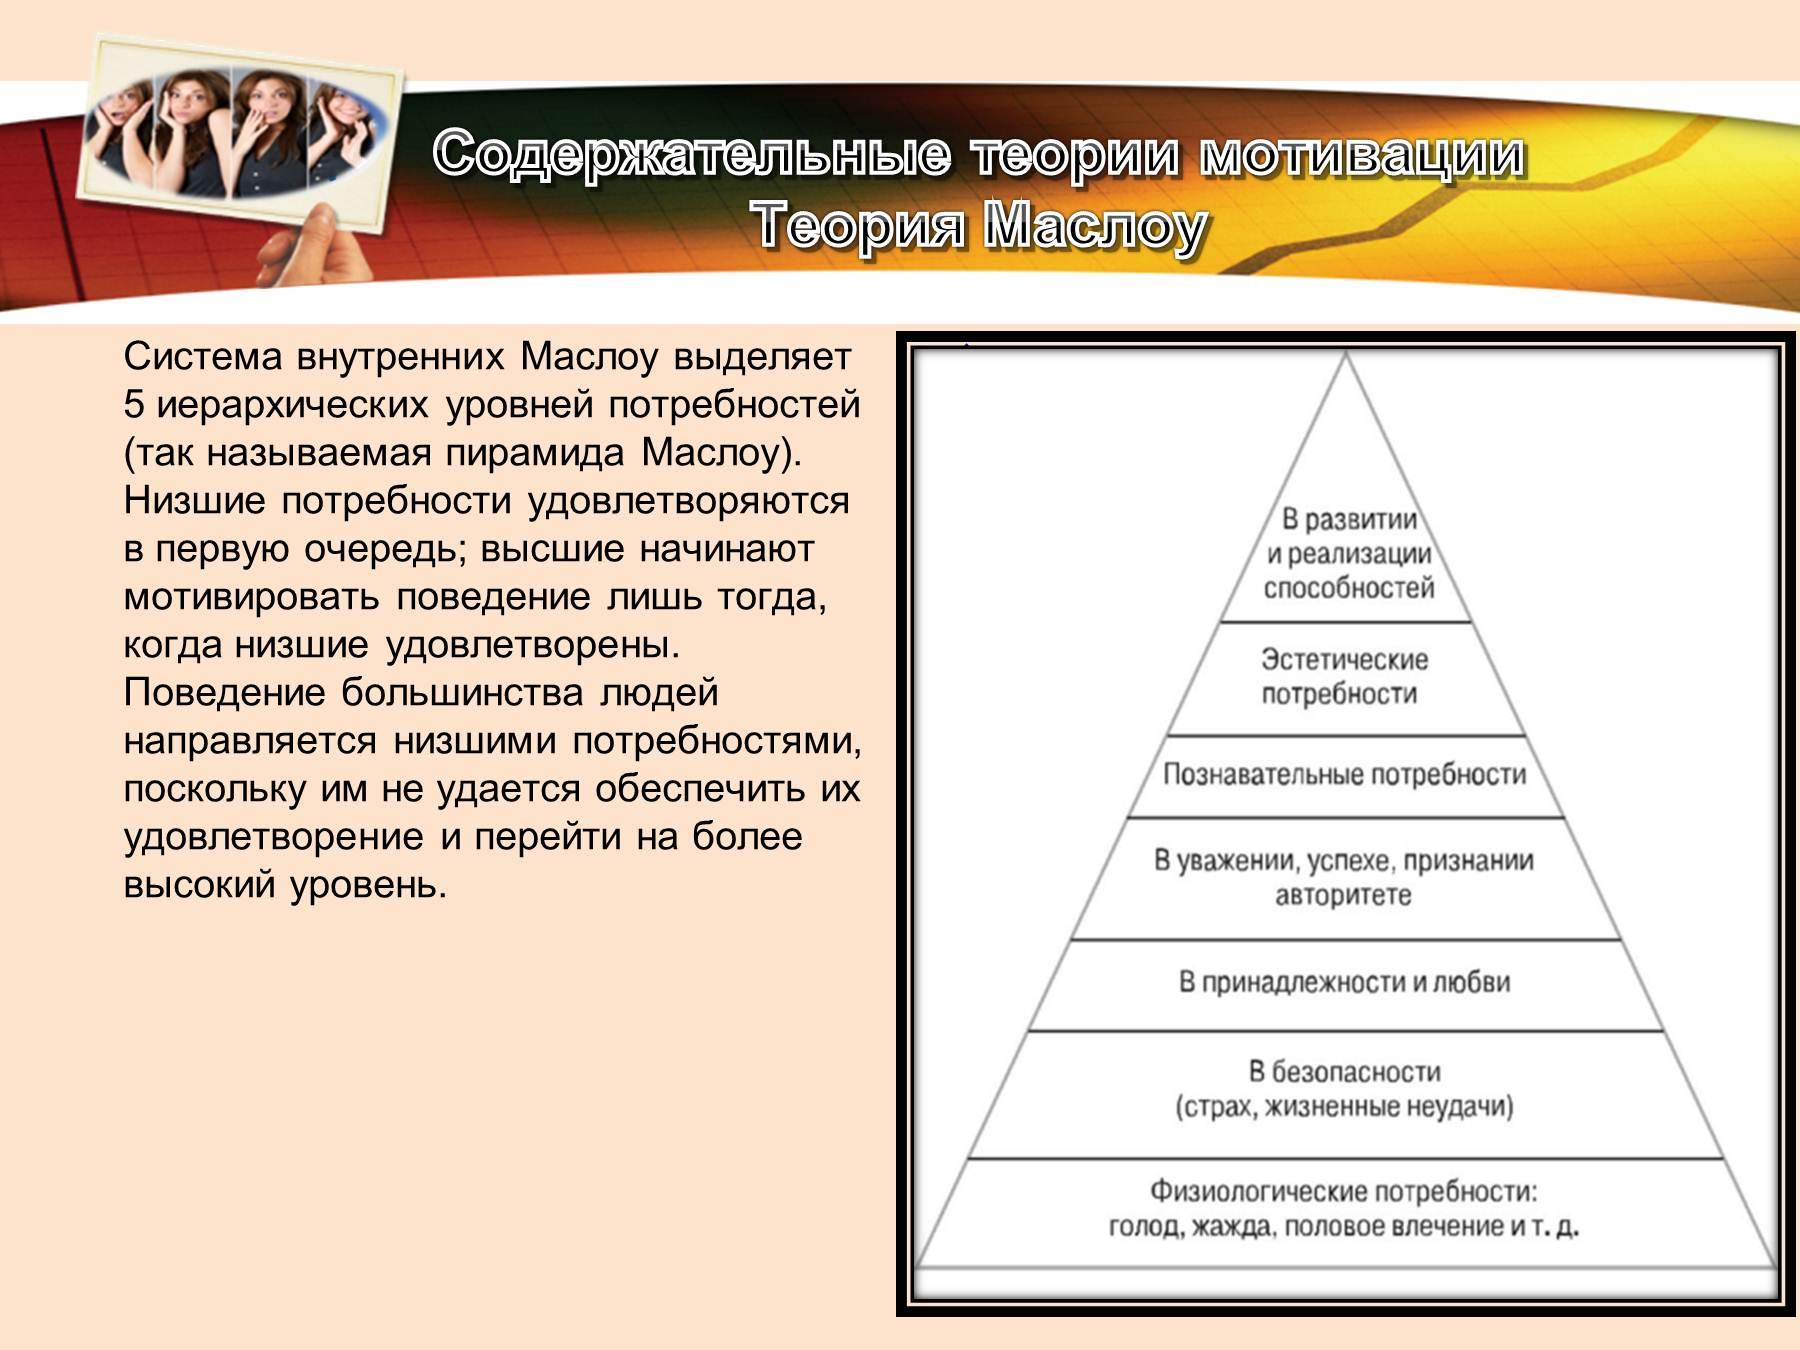 Подопригора М.Г. Организационное поведение: Мотивация ...